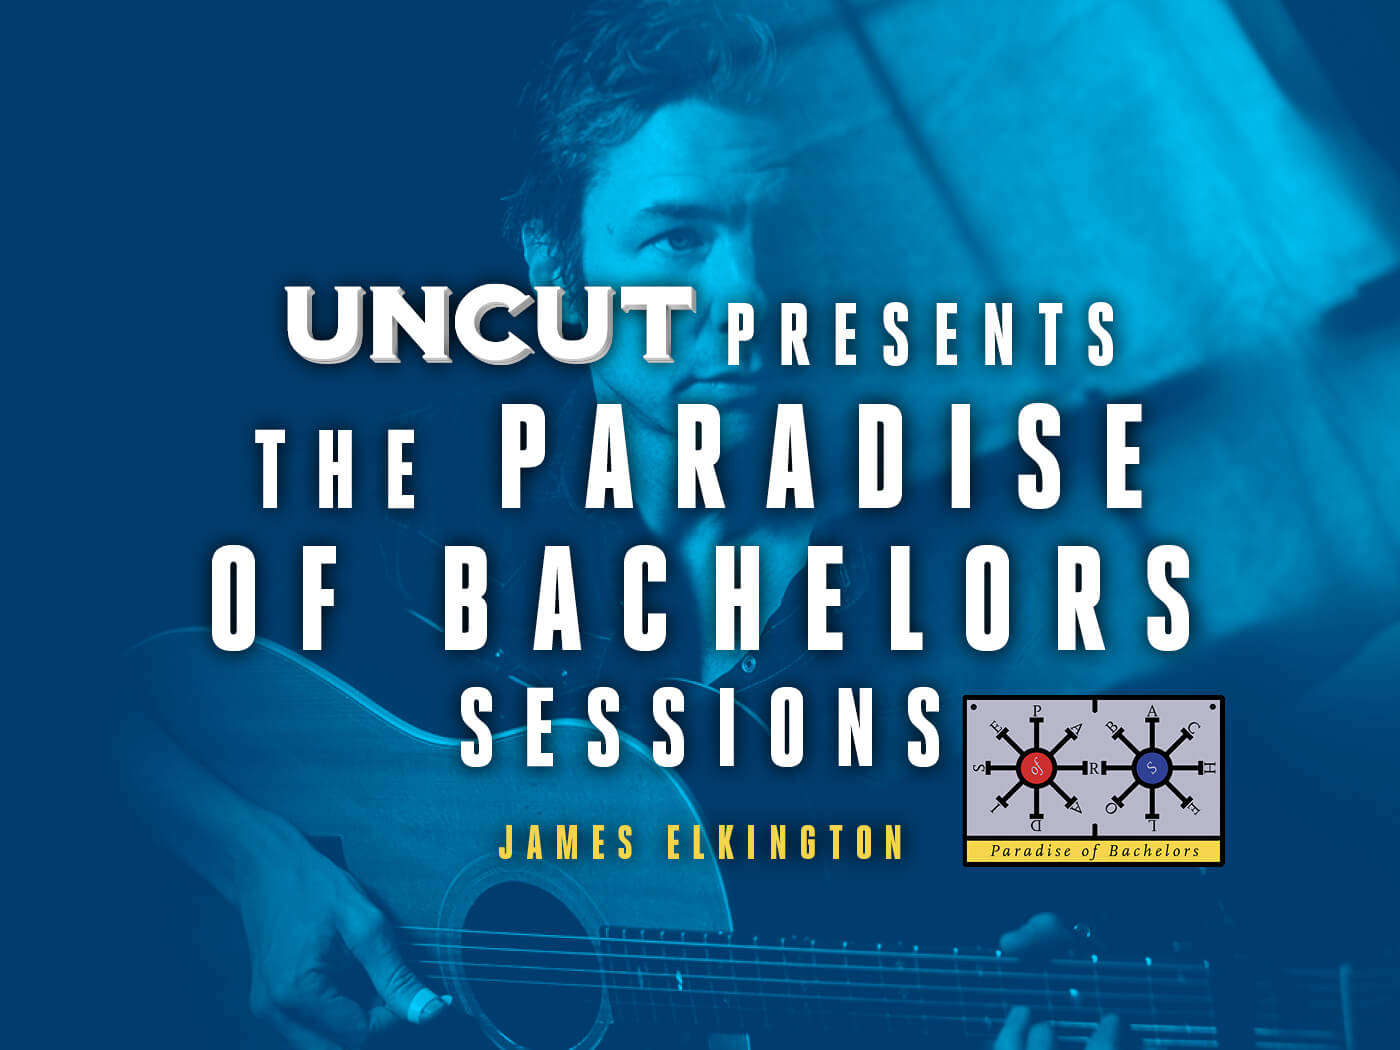 Watch James Elkington's lockdown session for Uncut